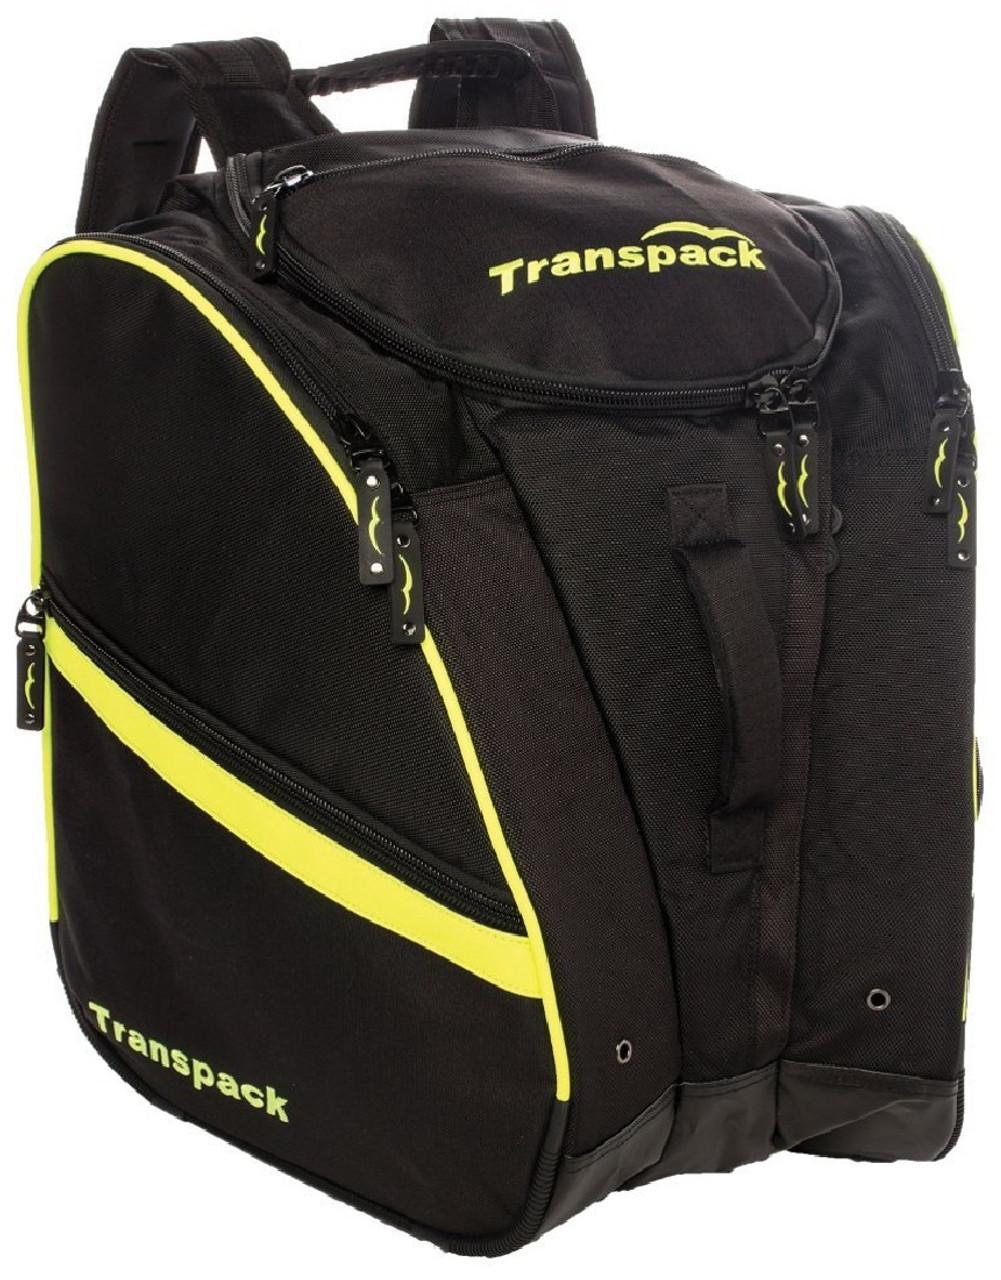 Transpack Ski Bag | TRV Pro Boot Bag